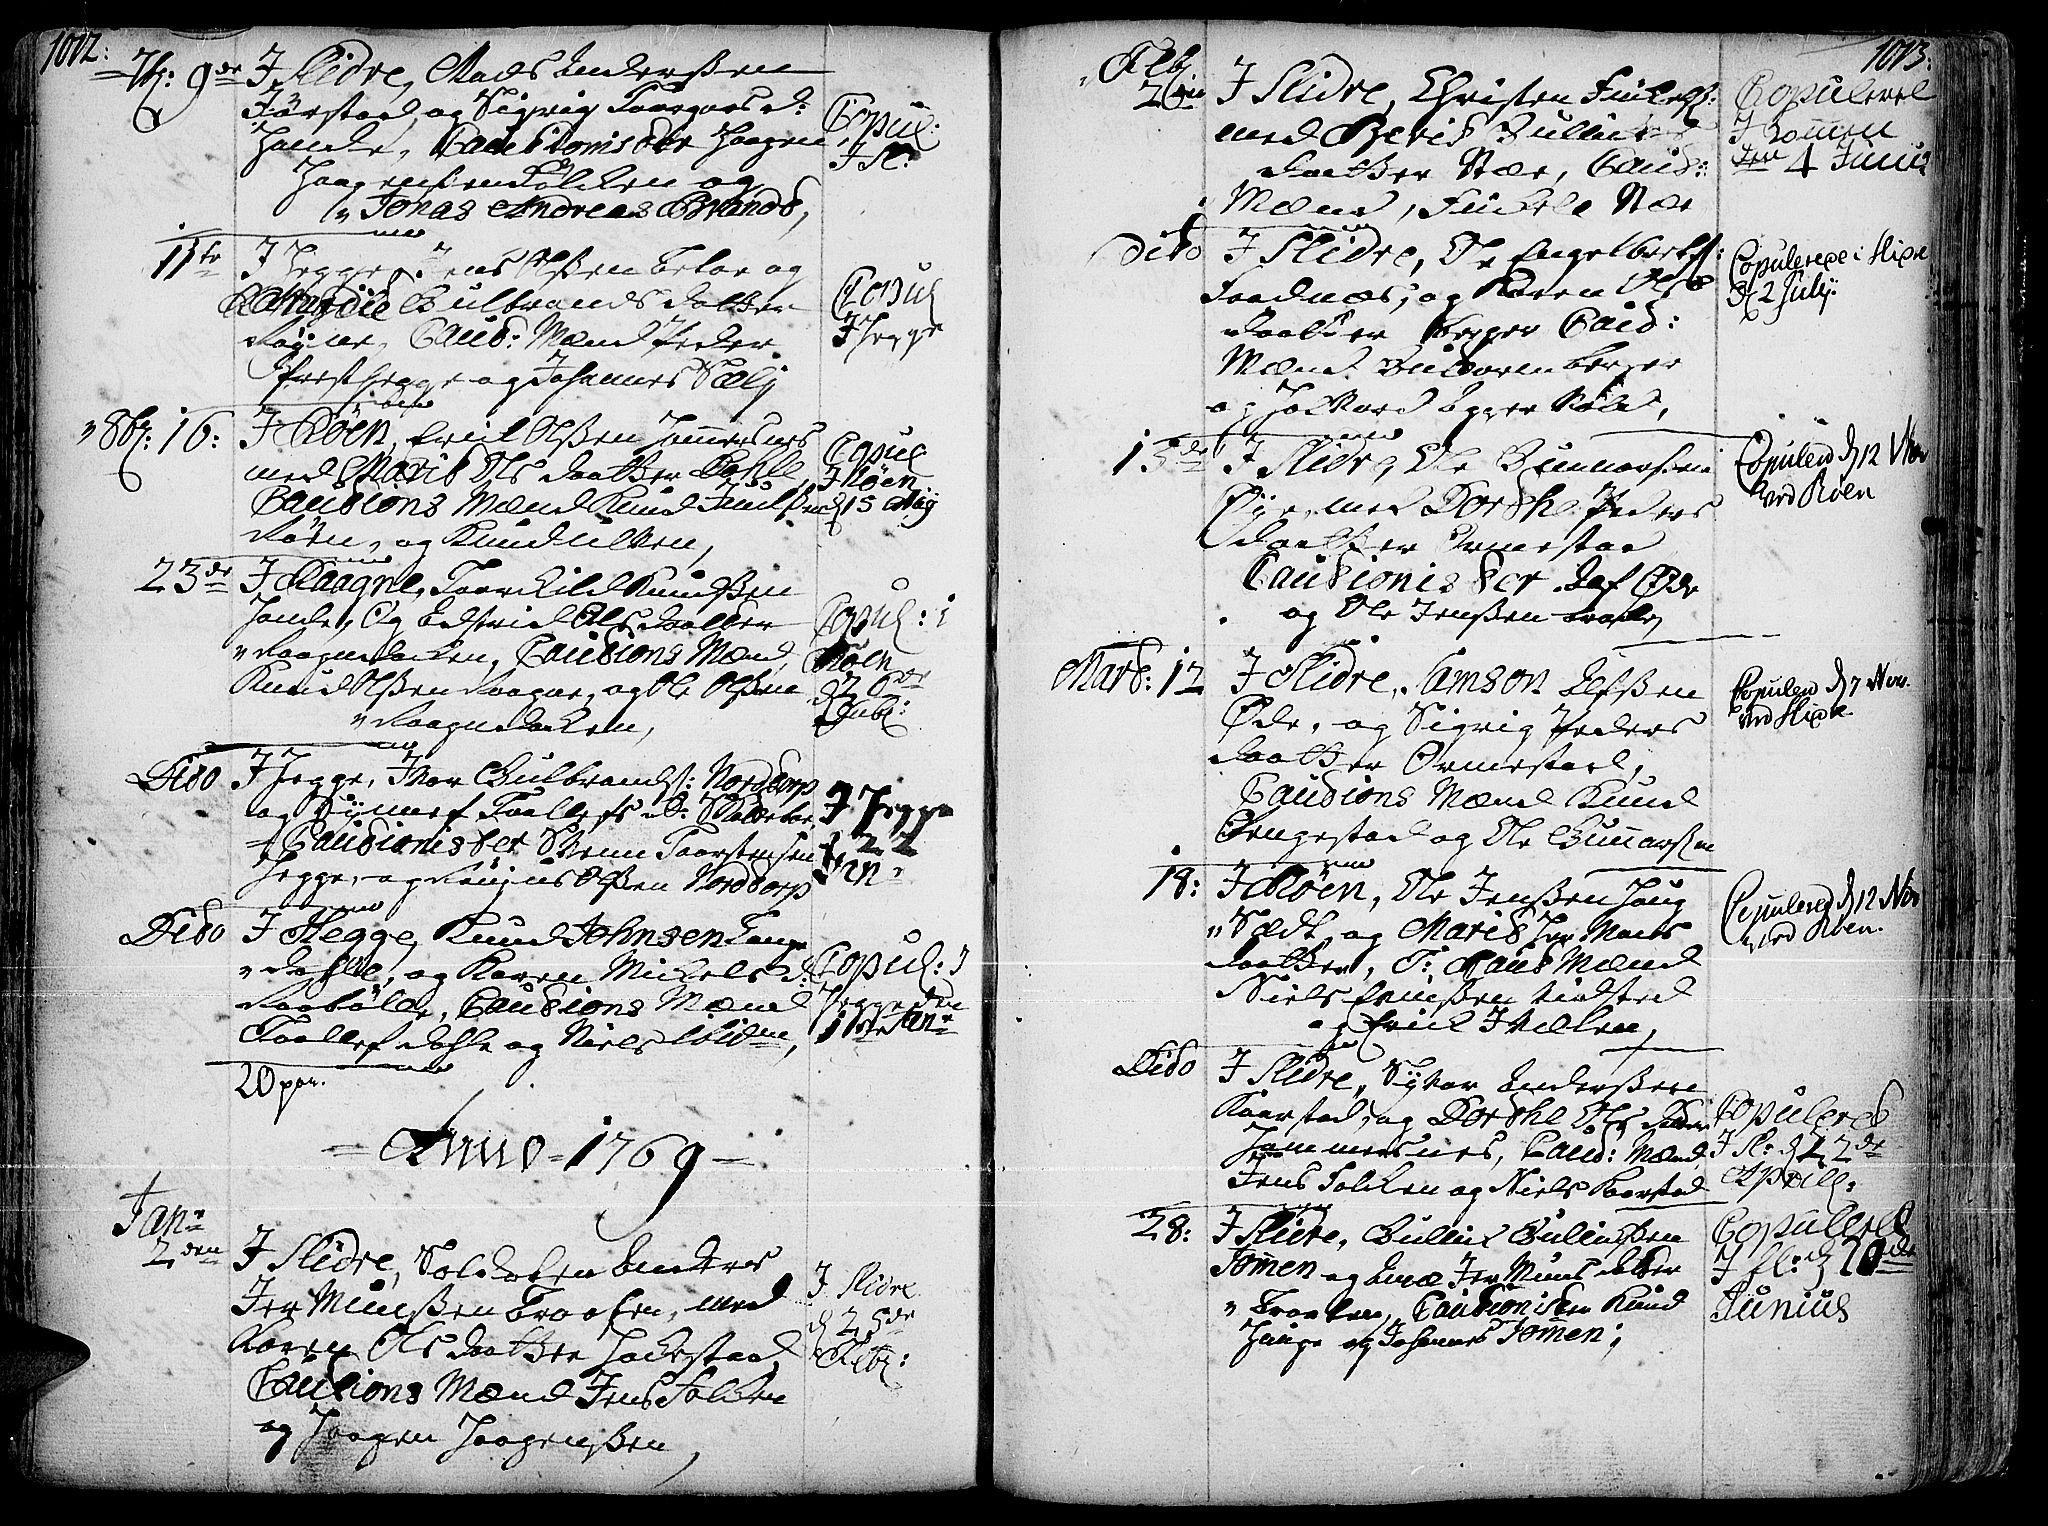 SAH, Slidre prestekontor, Ministerialbok nr. 1, 1724-1814, s. 1012-1013